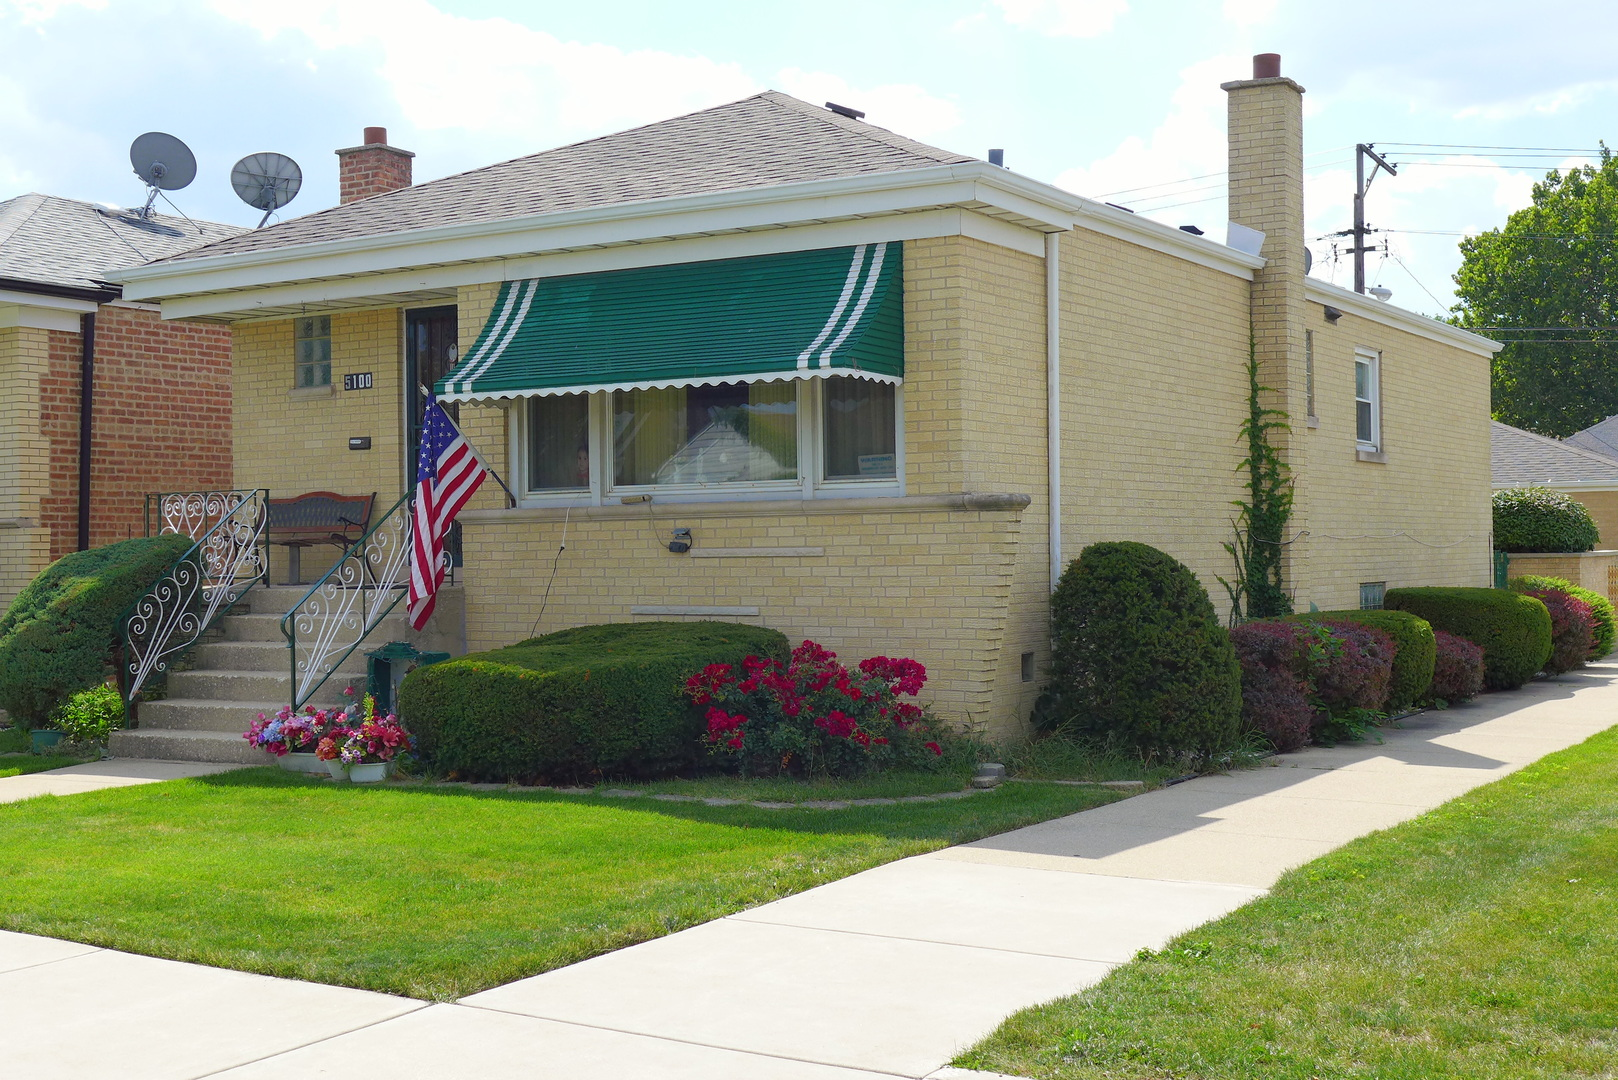 Photo of 5100 South Leclaire Avenue CHICAGO IL 60638